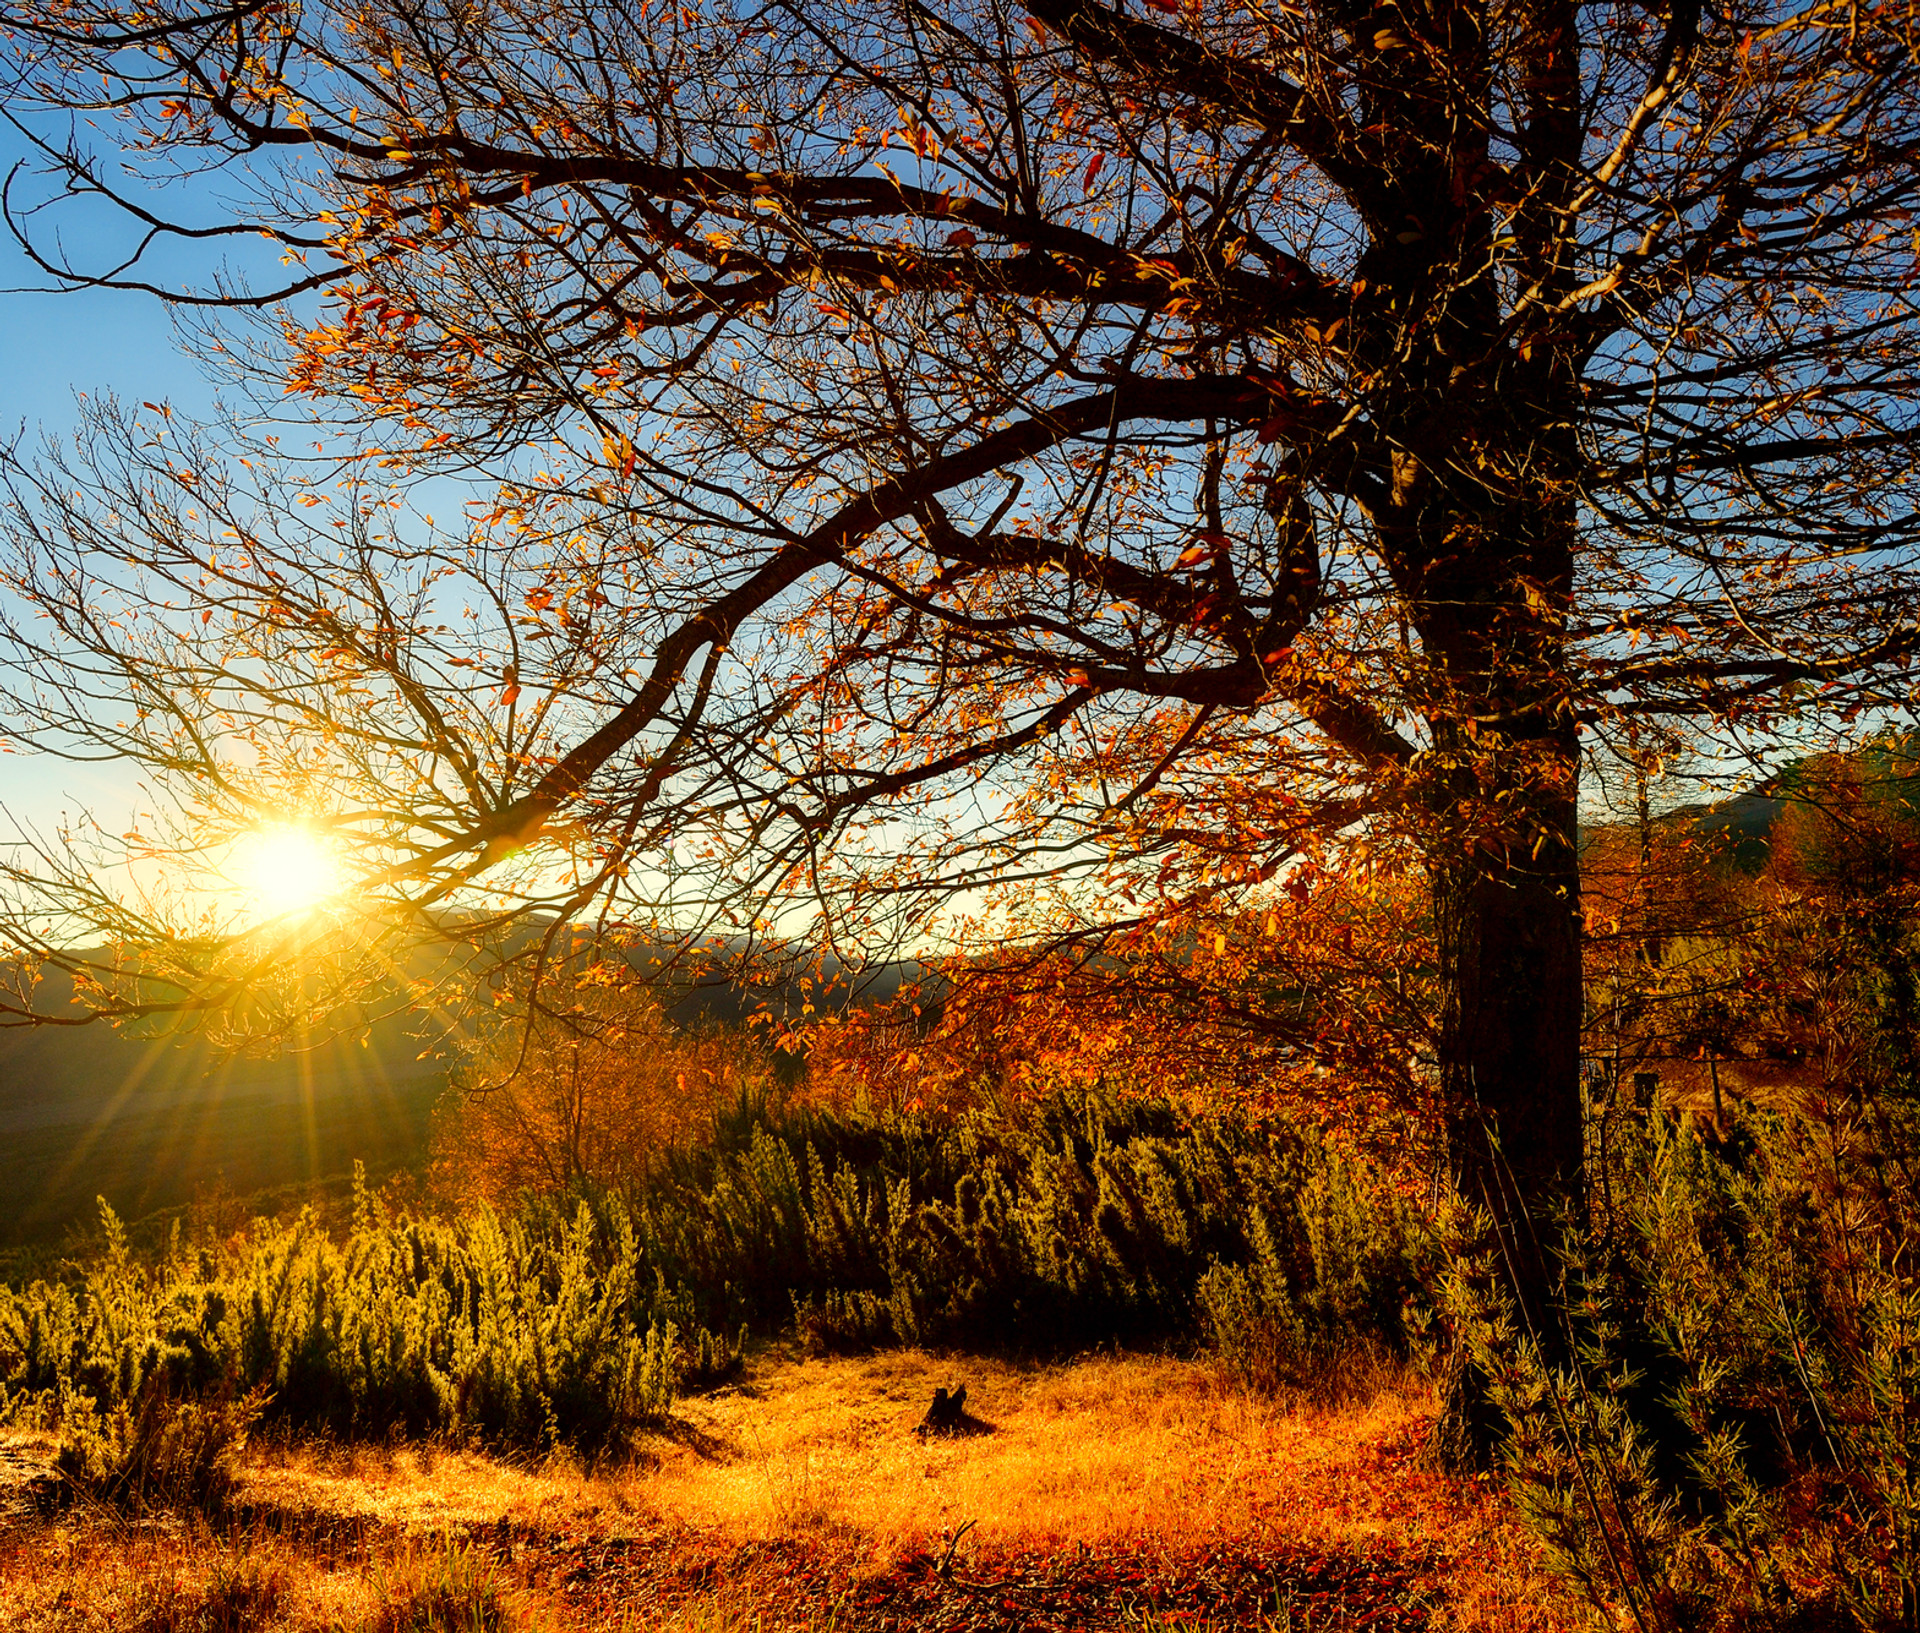 Sol_en_el_árbol.jpg